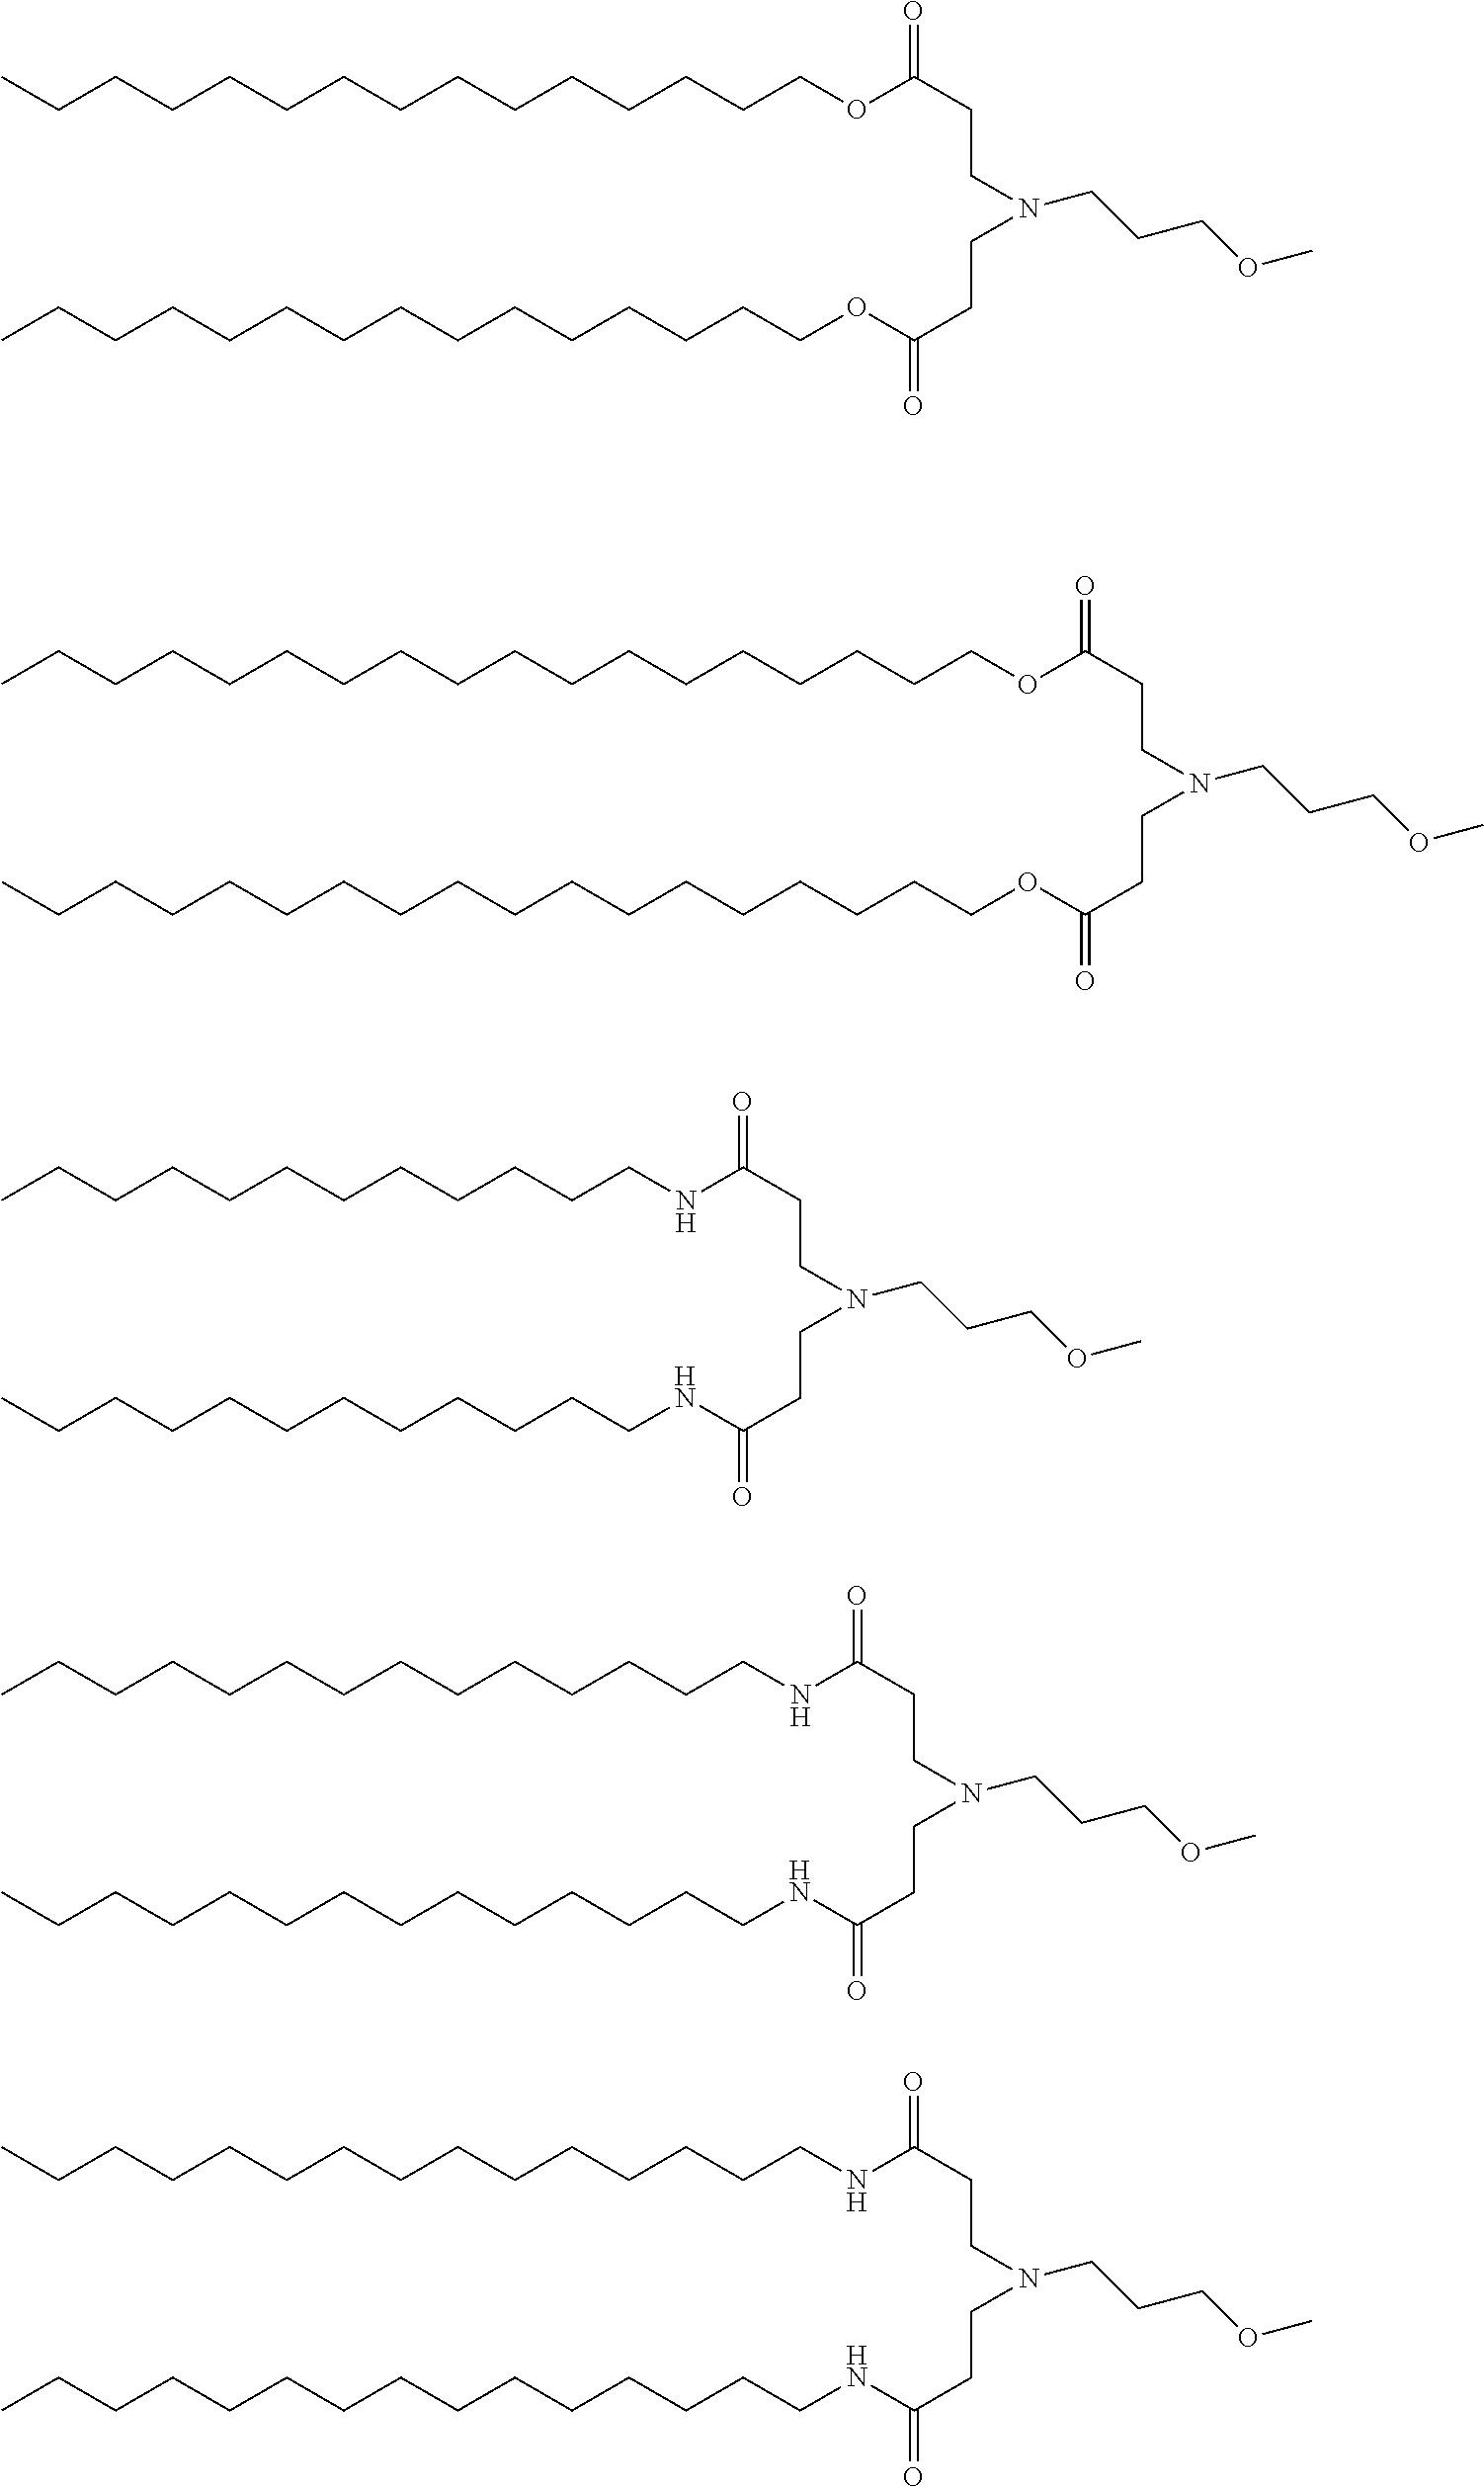 Figure US09695475-20170704-C00005